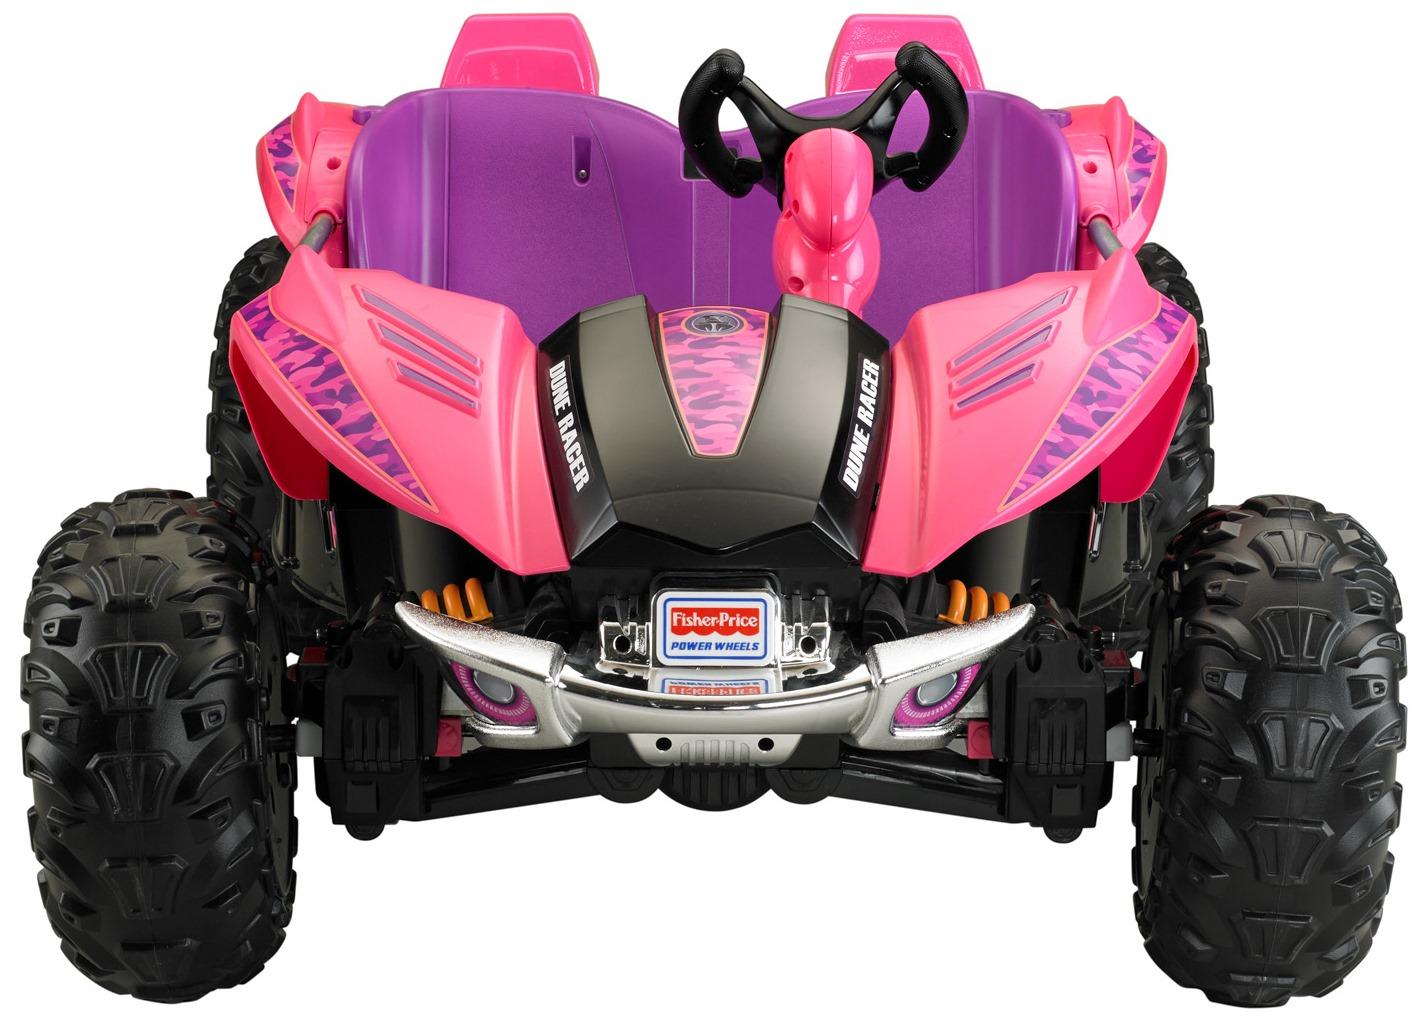 Power Wheels Dune Racer 12 Volt Battery Powered Ride On, Pink   Walmart.com